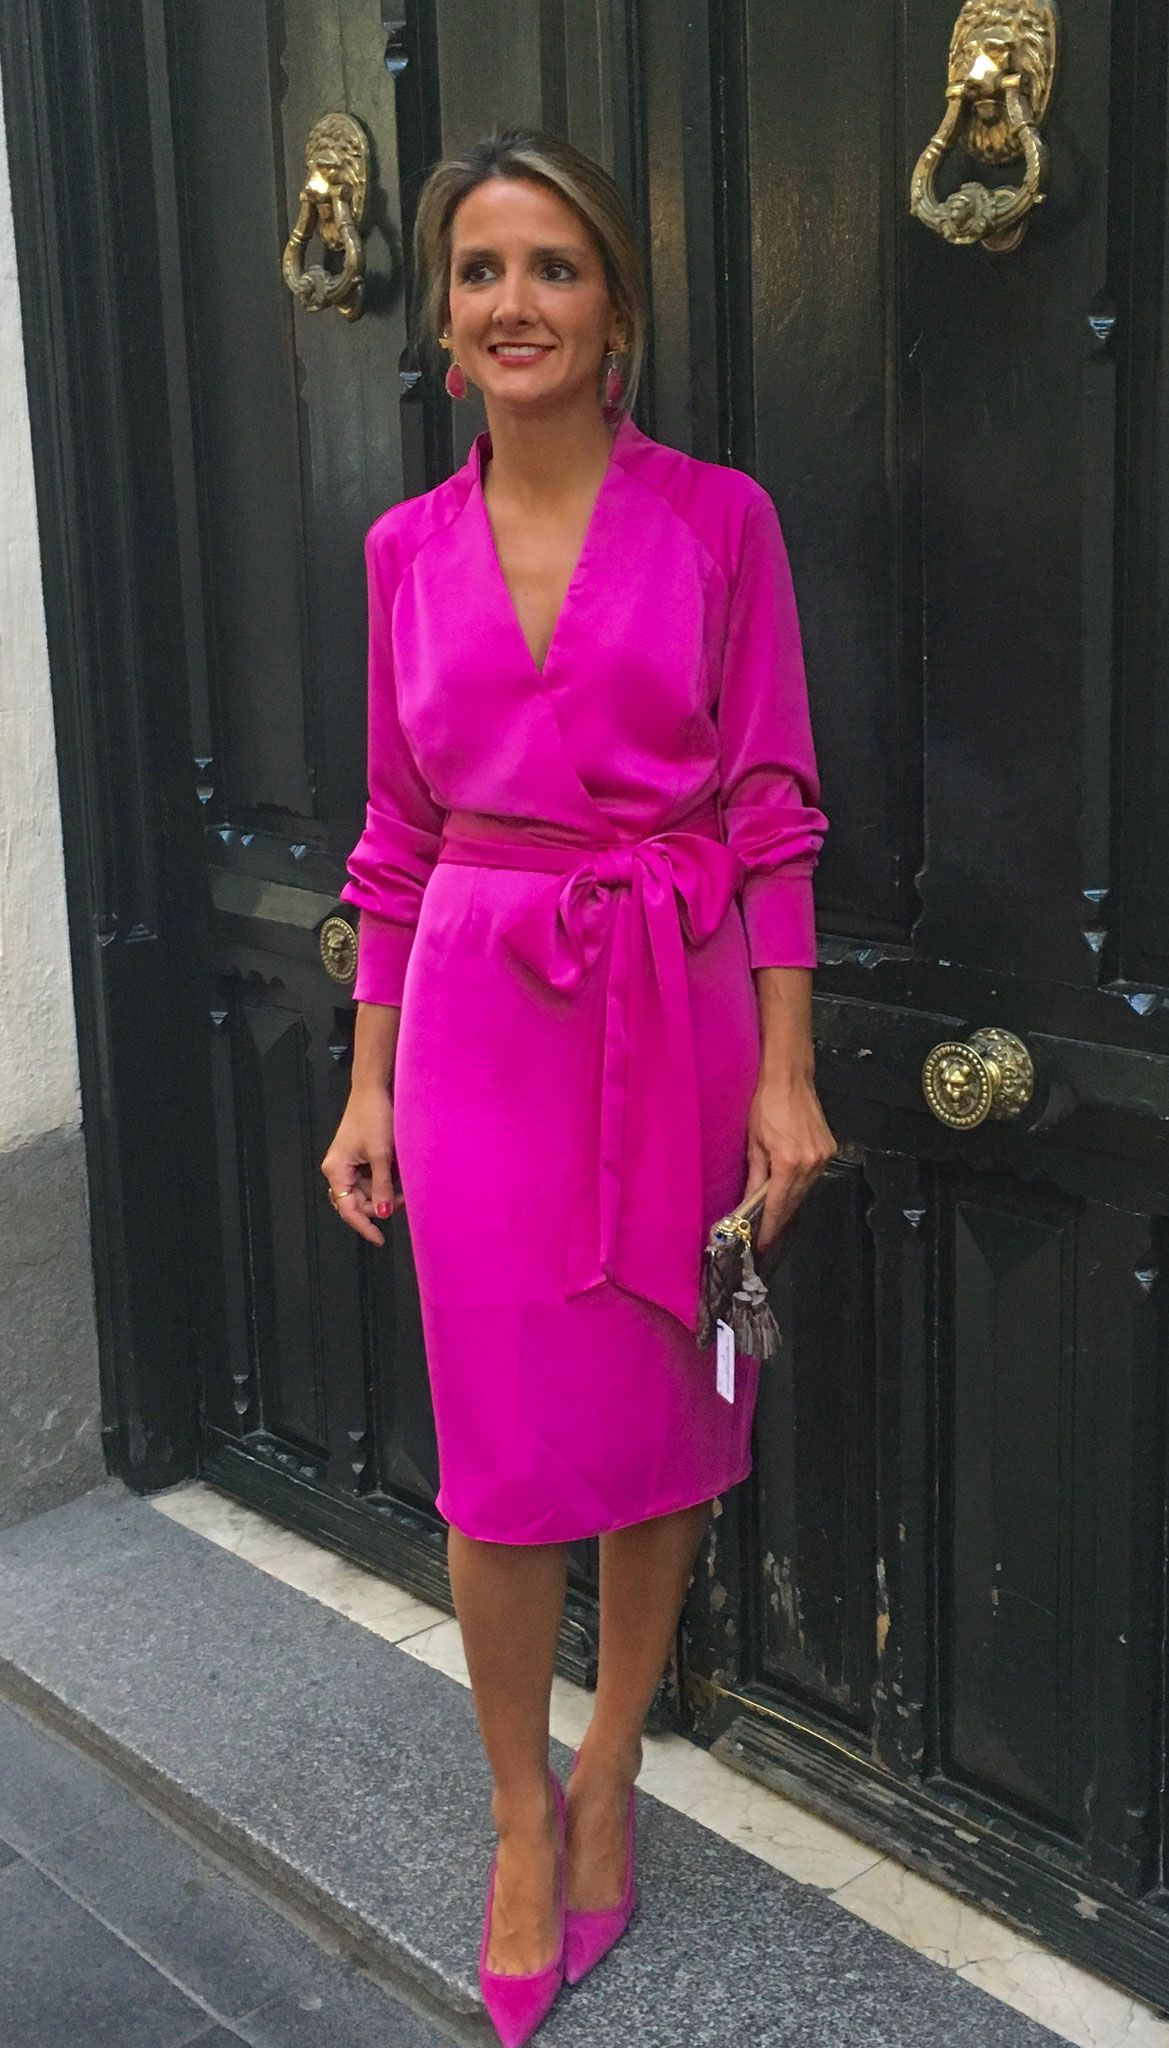 Pin de Luisa Gonzalez en Vestidos | Pinterest | Invierno, Fiestas y ...